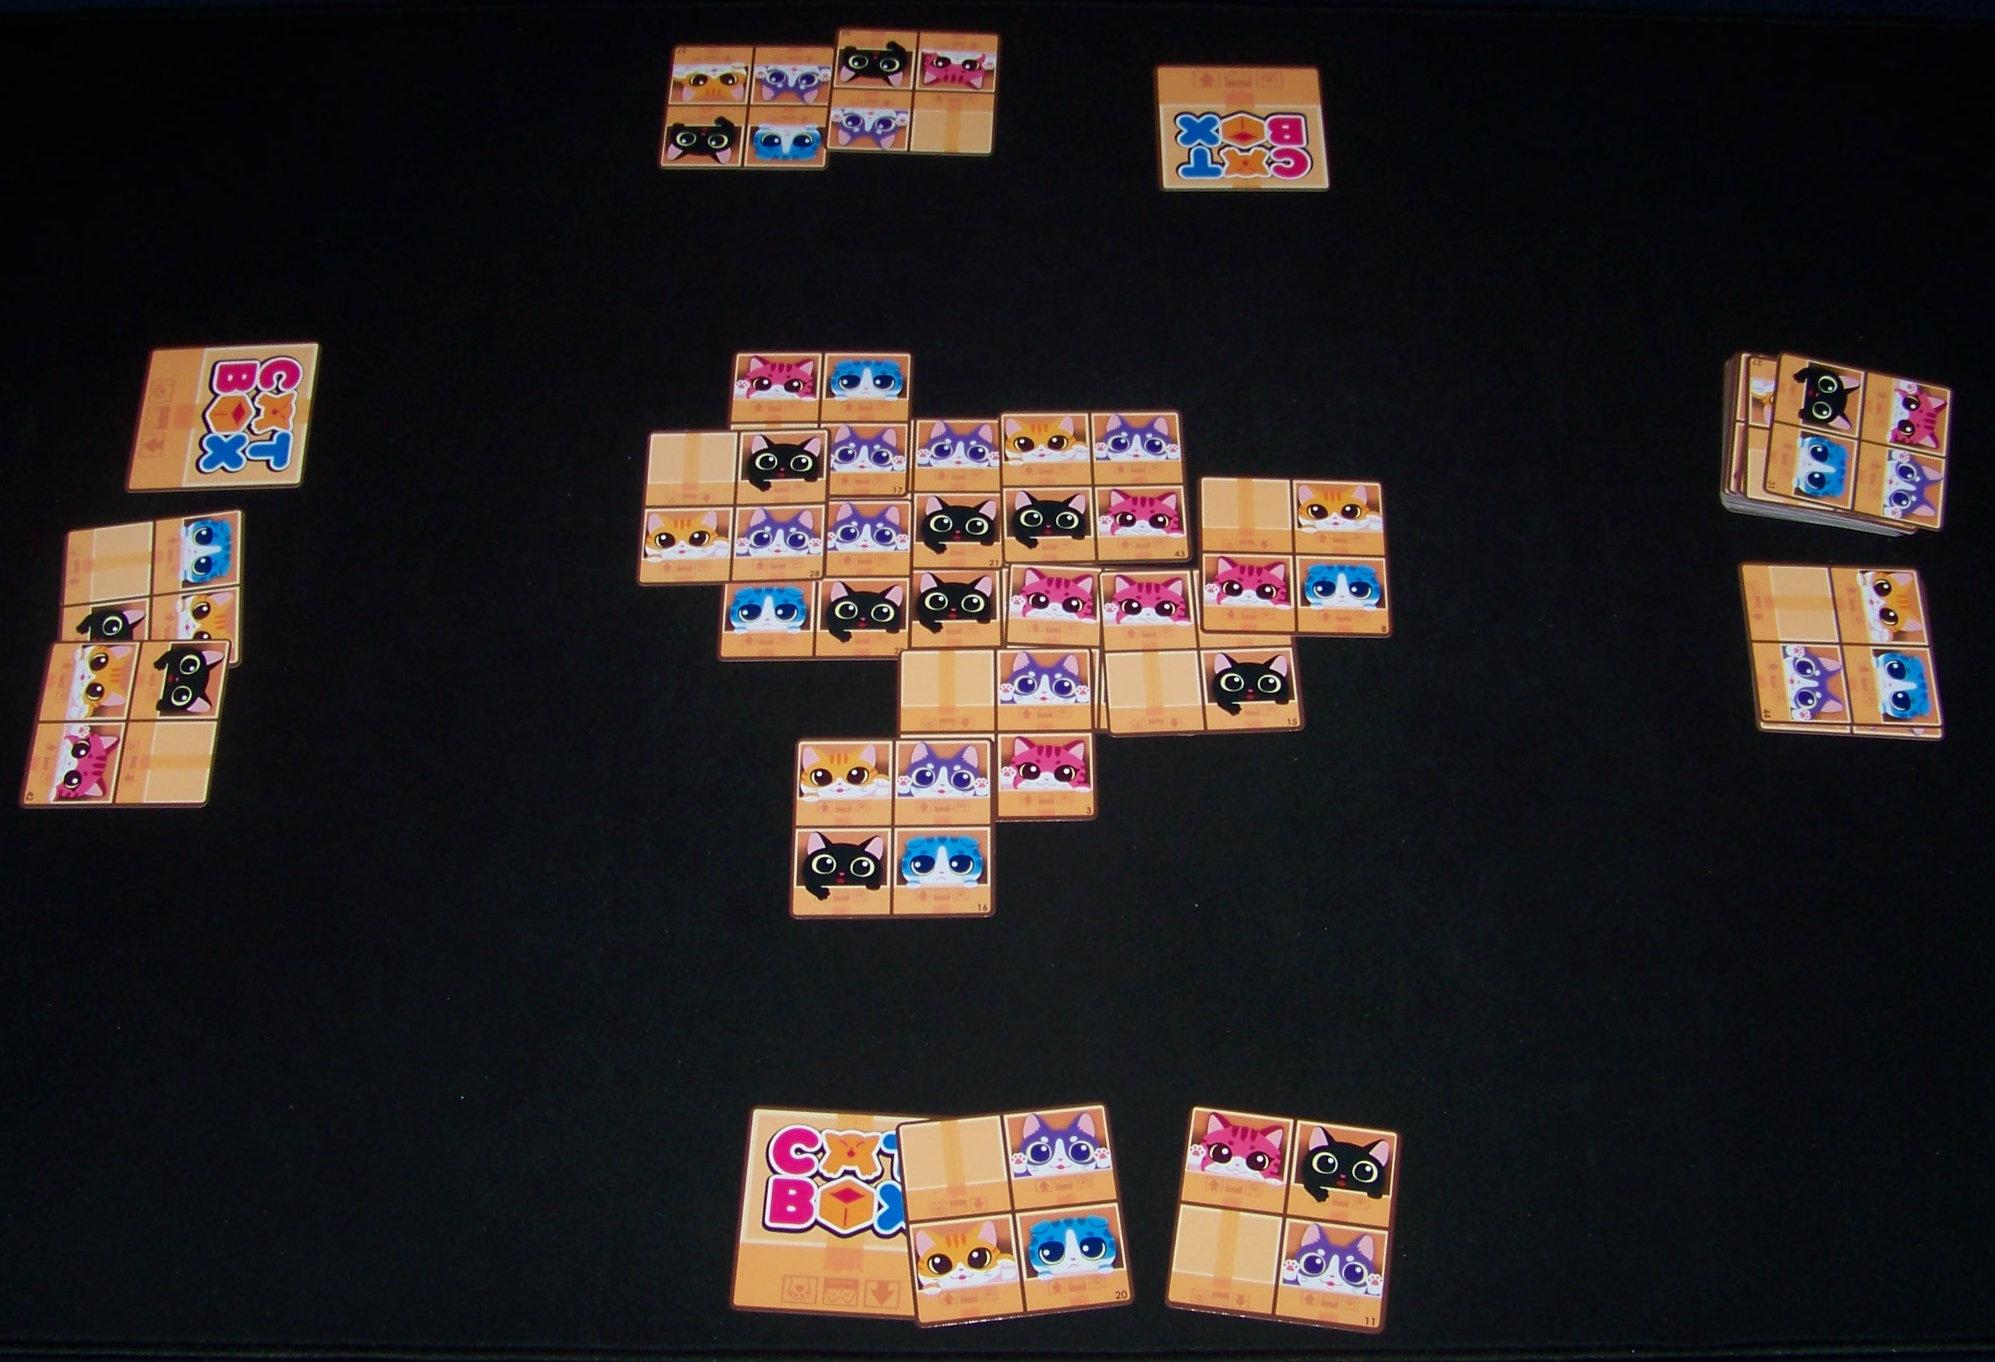 Juego de mesa Cat Box - ejemplo de partida.